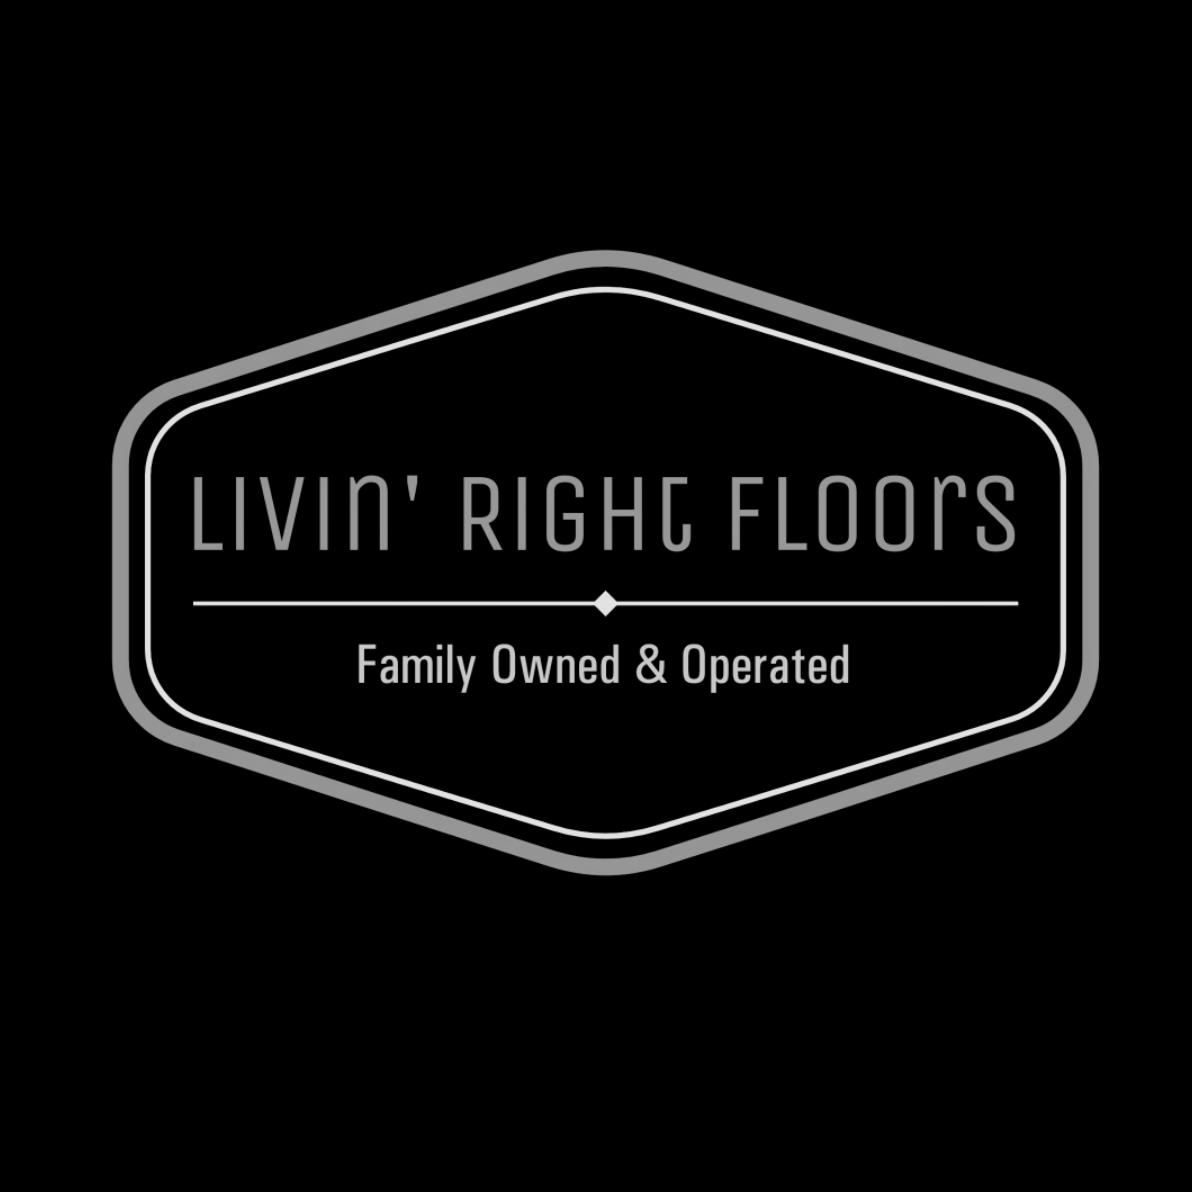 Livin' Right Floors